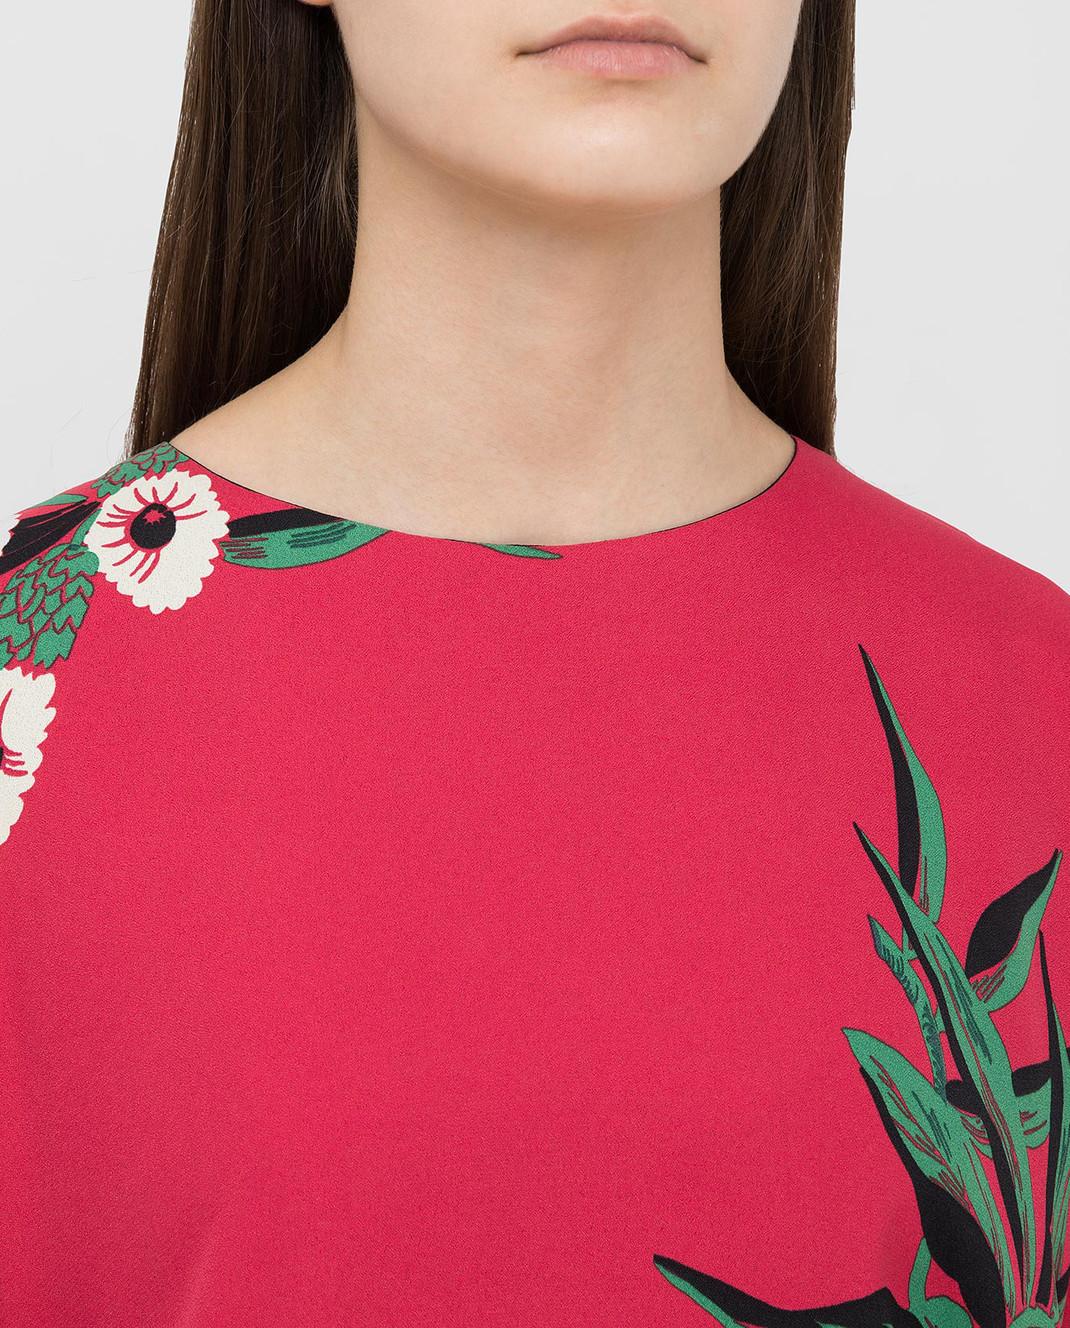 Marni Малиновое платье ABMAR17U00TV392 изображение 5